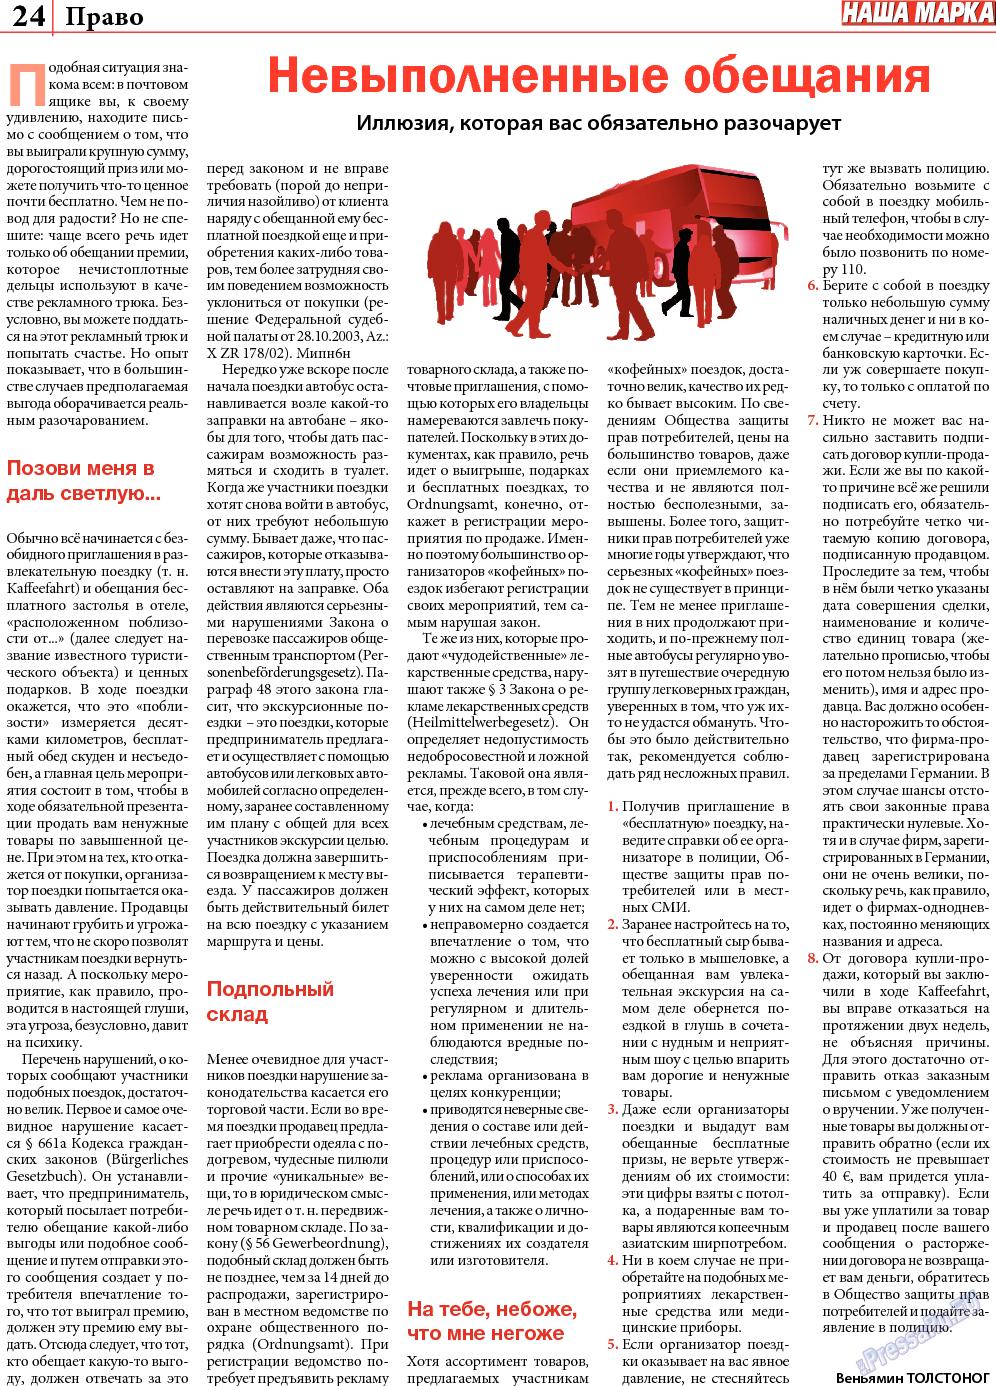 Наша марка (газета). 2013 год, номер 8, стр. 24